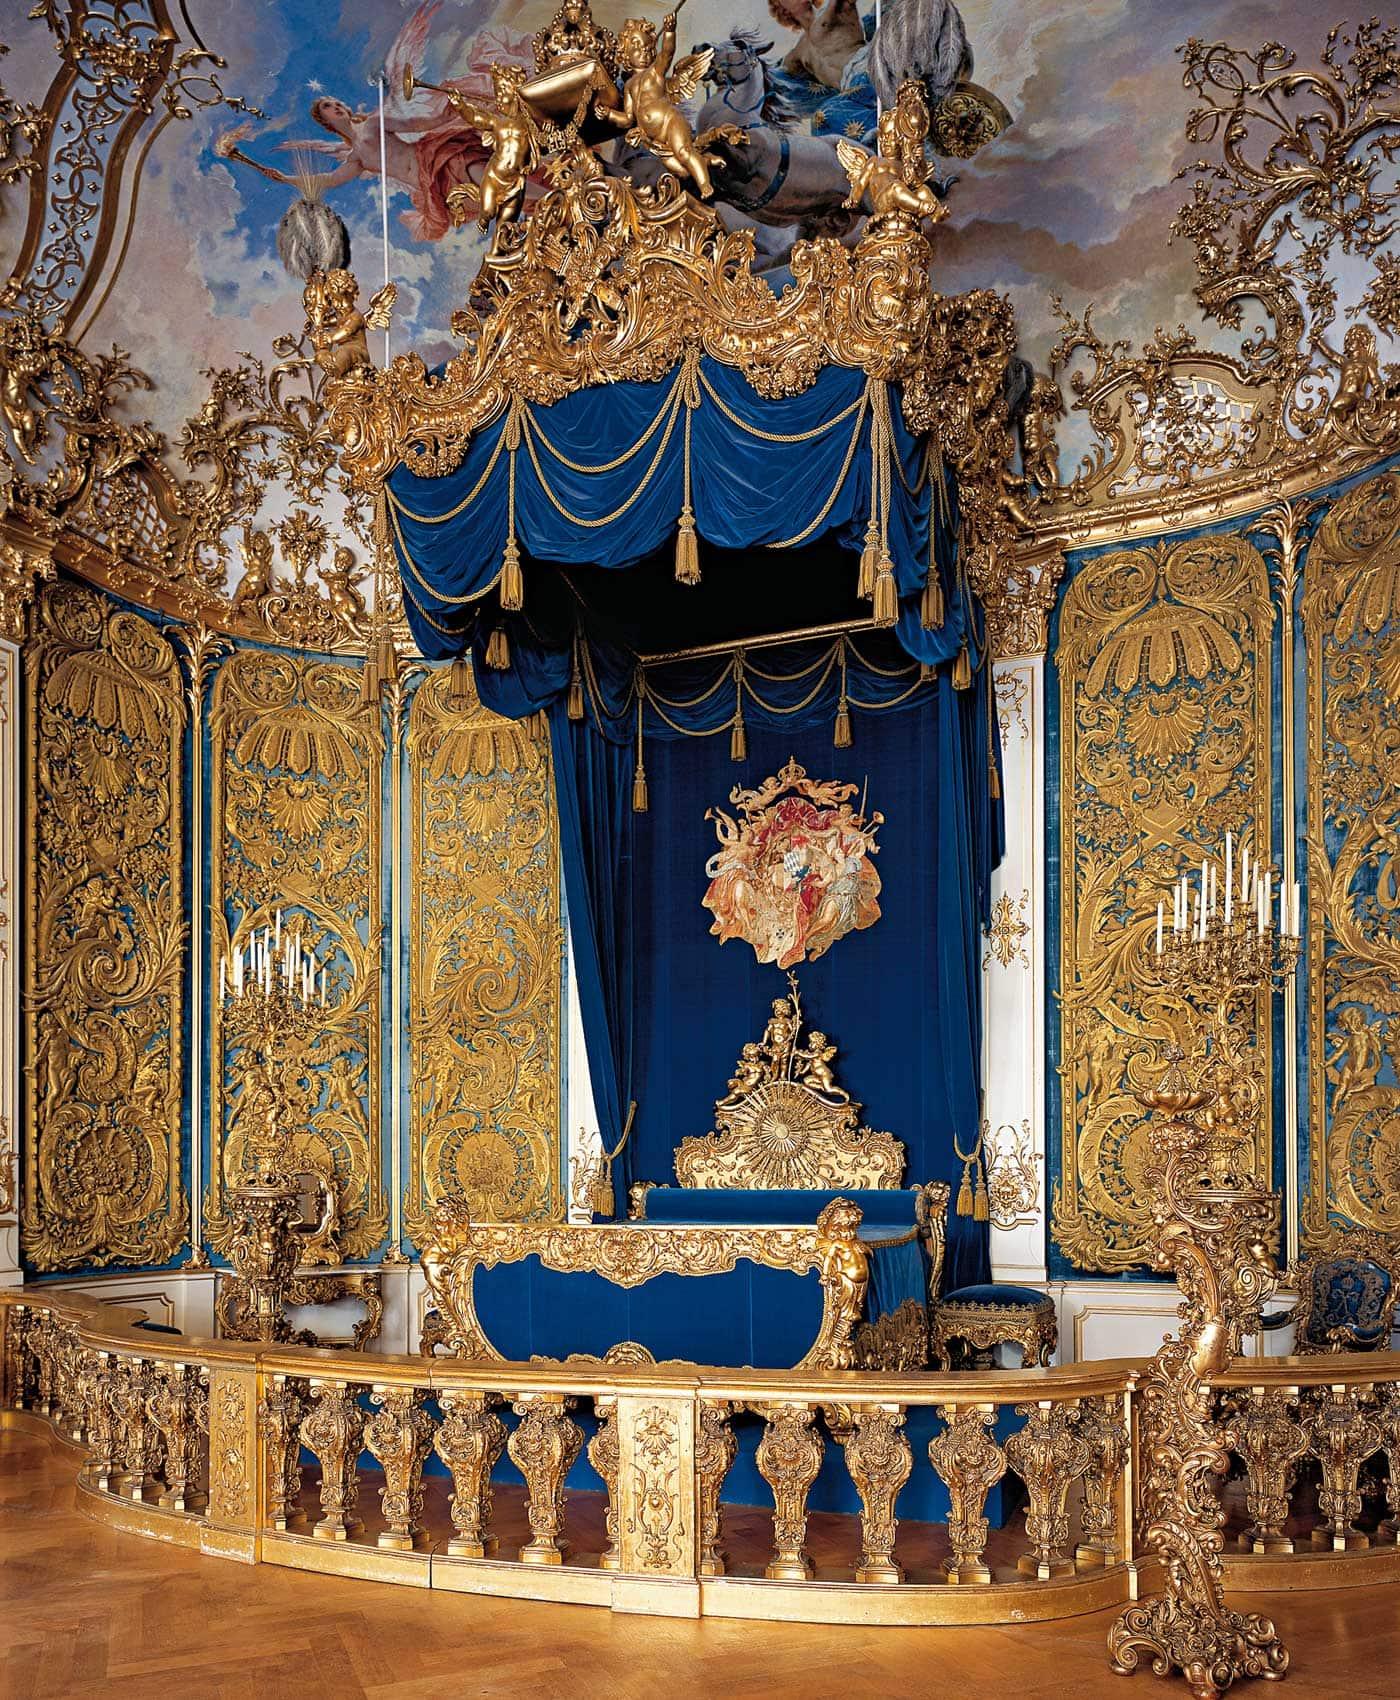 Ausflugsziele für Familien: Schloss Linderhof – prächtiges Schlafzimmer // HIMBEER